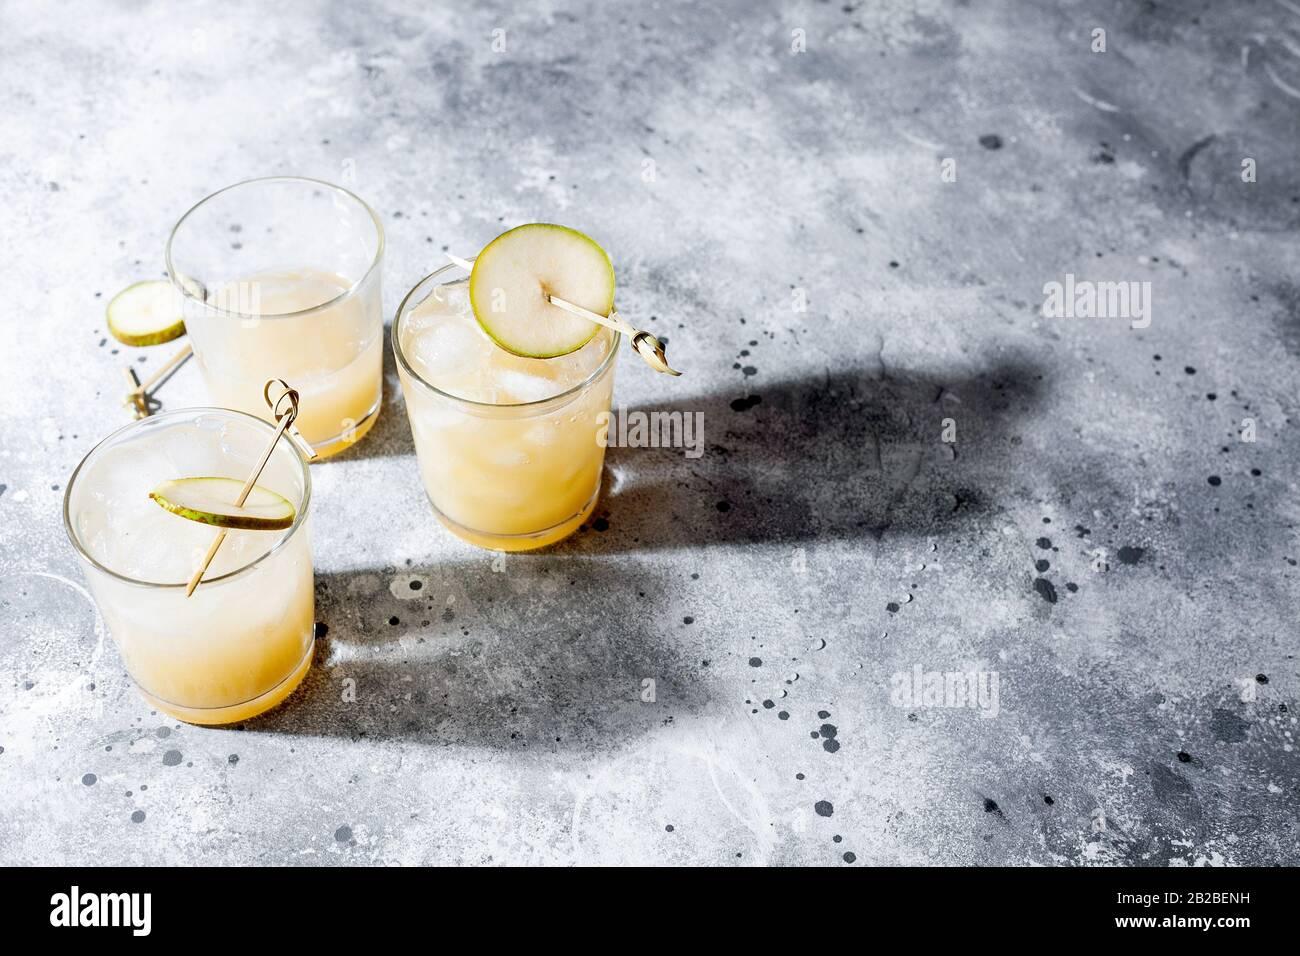 Cold-Birne-Cocktail oder Mocktail mit Soda- und Birnpüree und Fruchtscheiben in kurzem Glas auf grauem Hintergrund mit Schatten. Erfrischendes Sommergetränk Stockfoto